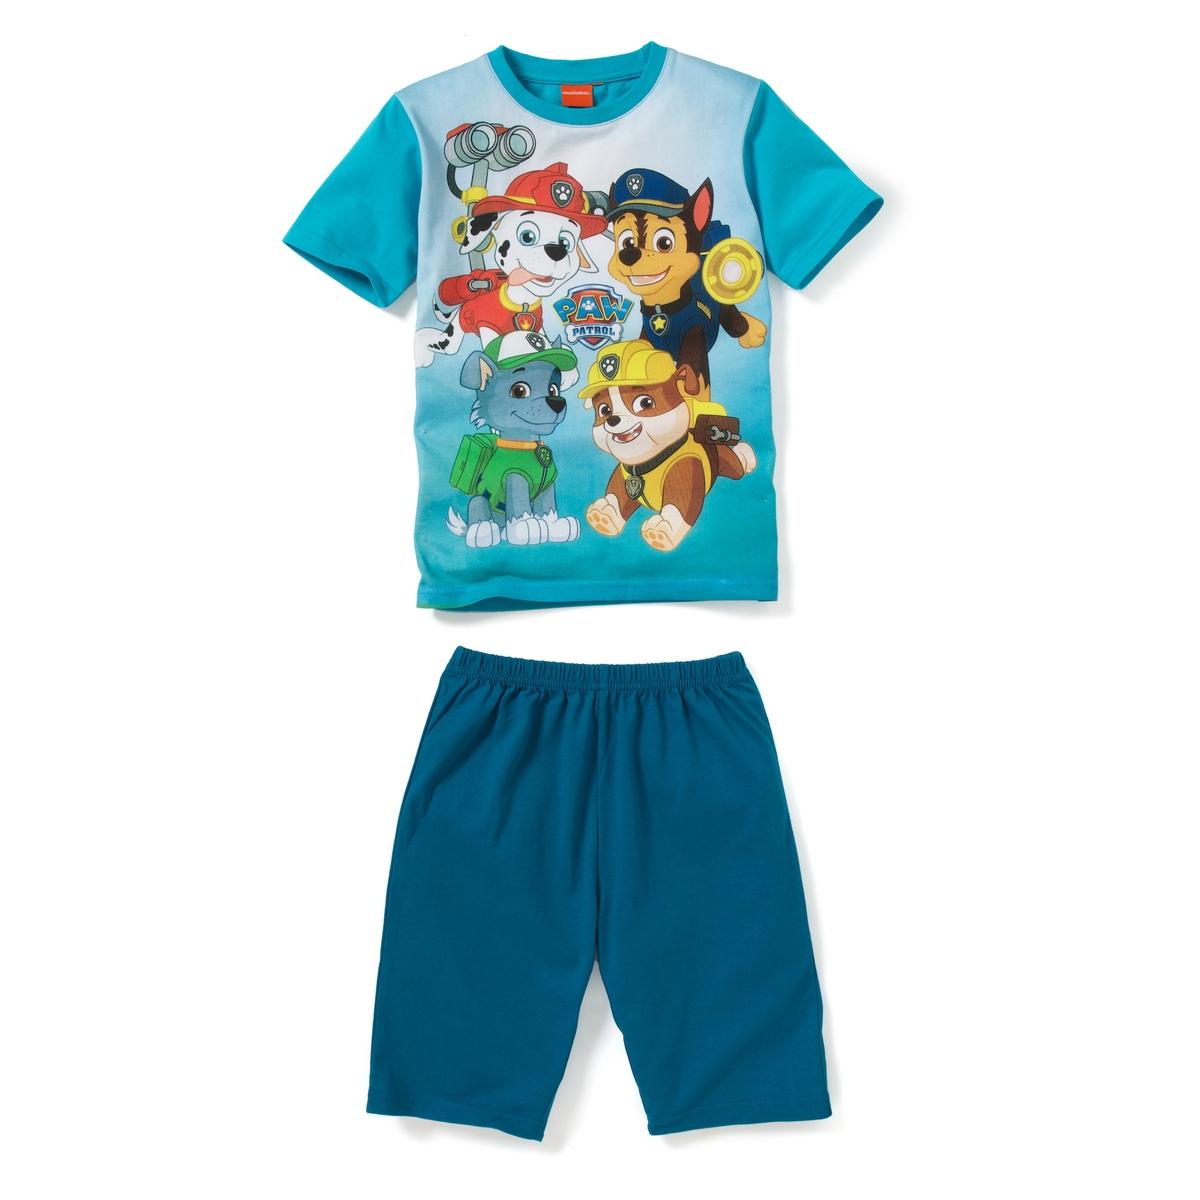 Пижама с шортами с рисунком, 2-8 лет